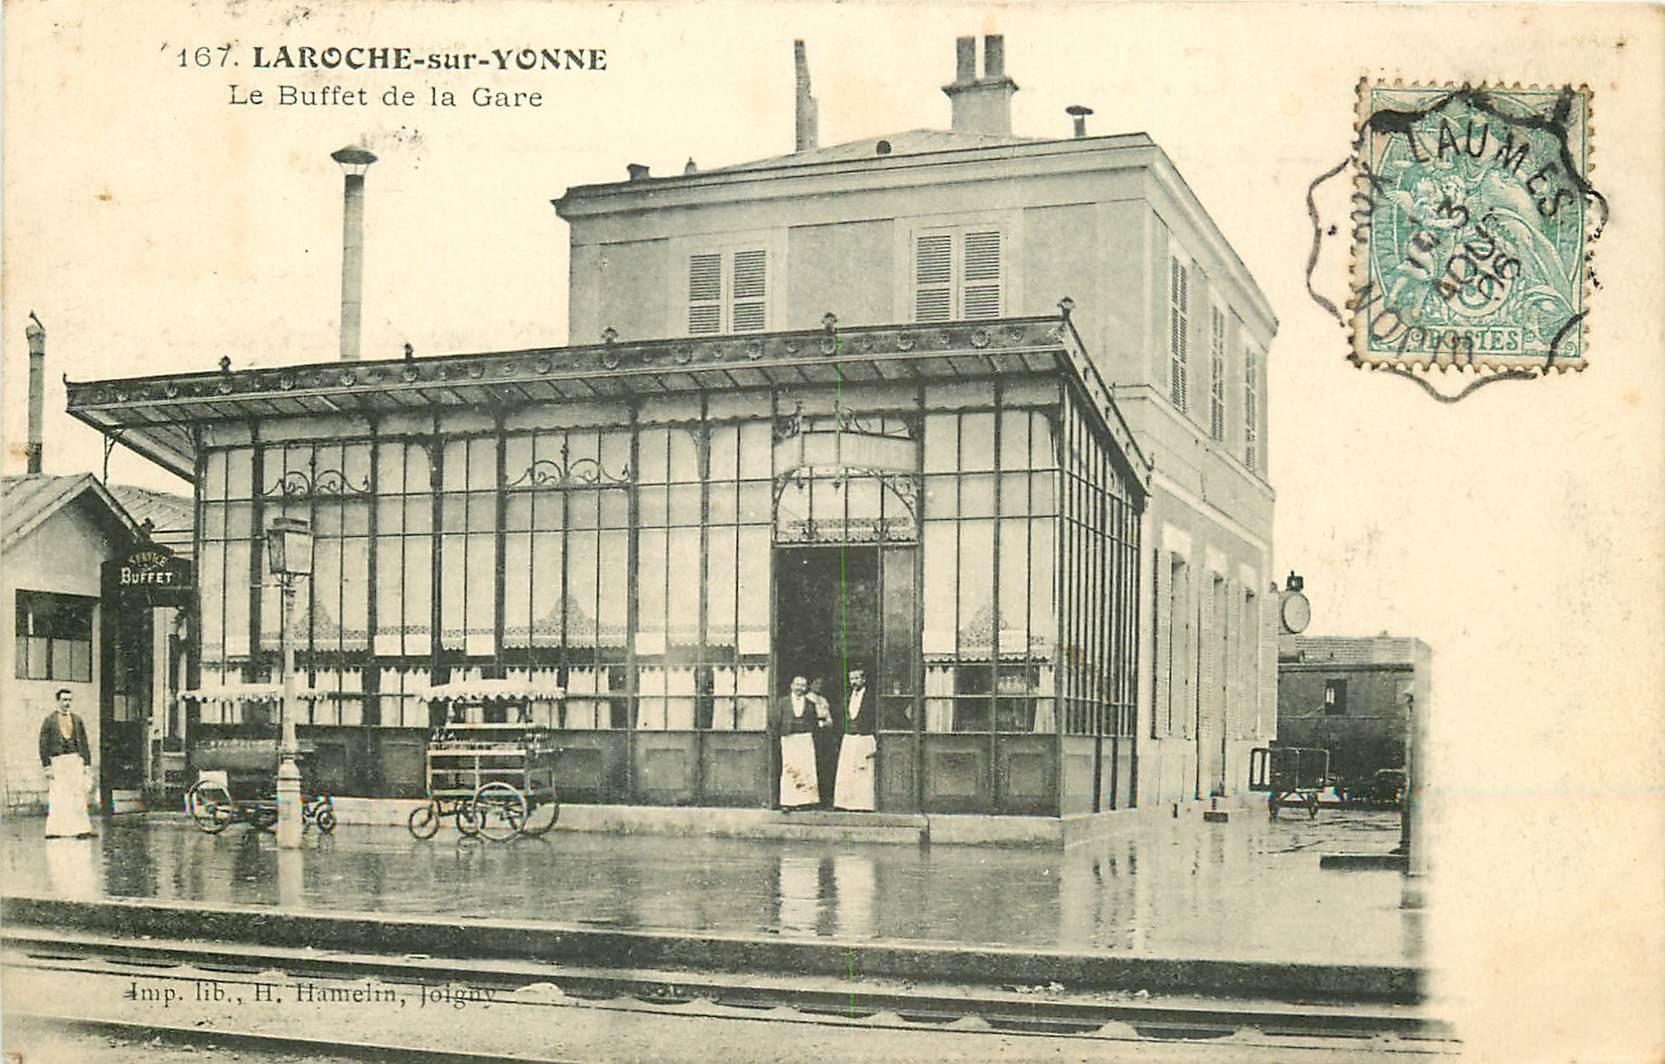 89 LAROCHE-SUR-YONNE. Employés devant le Buffet de la Gare 1906